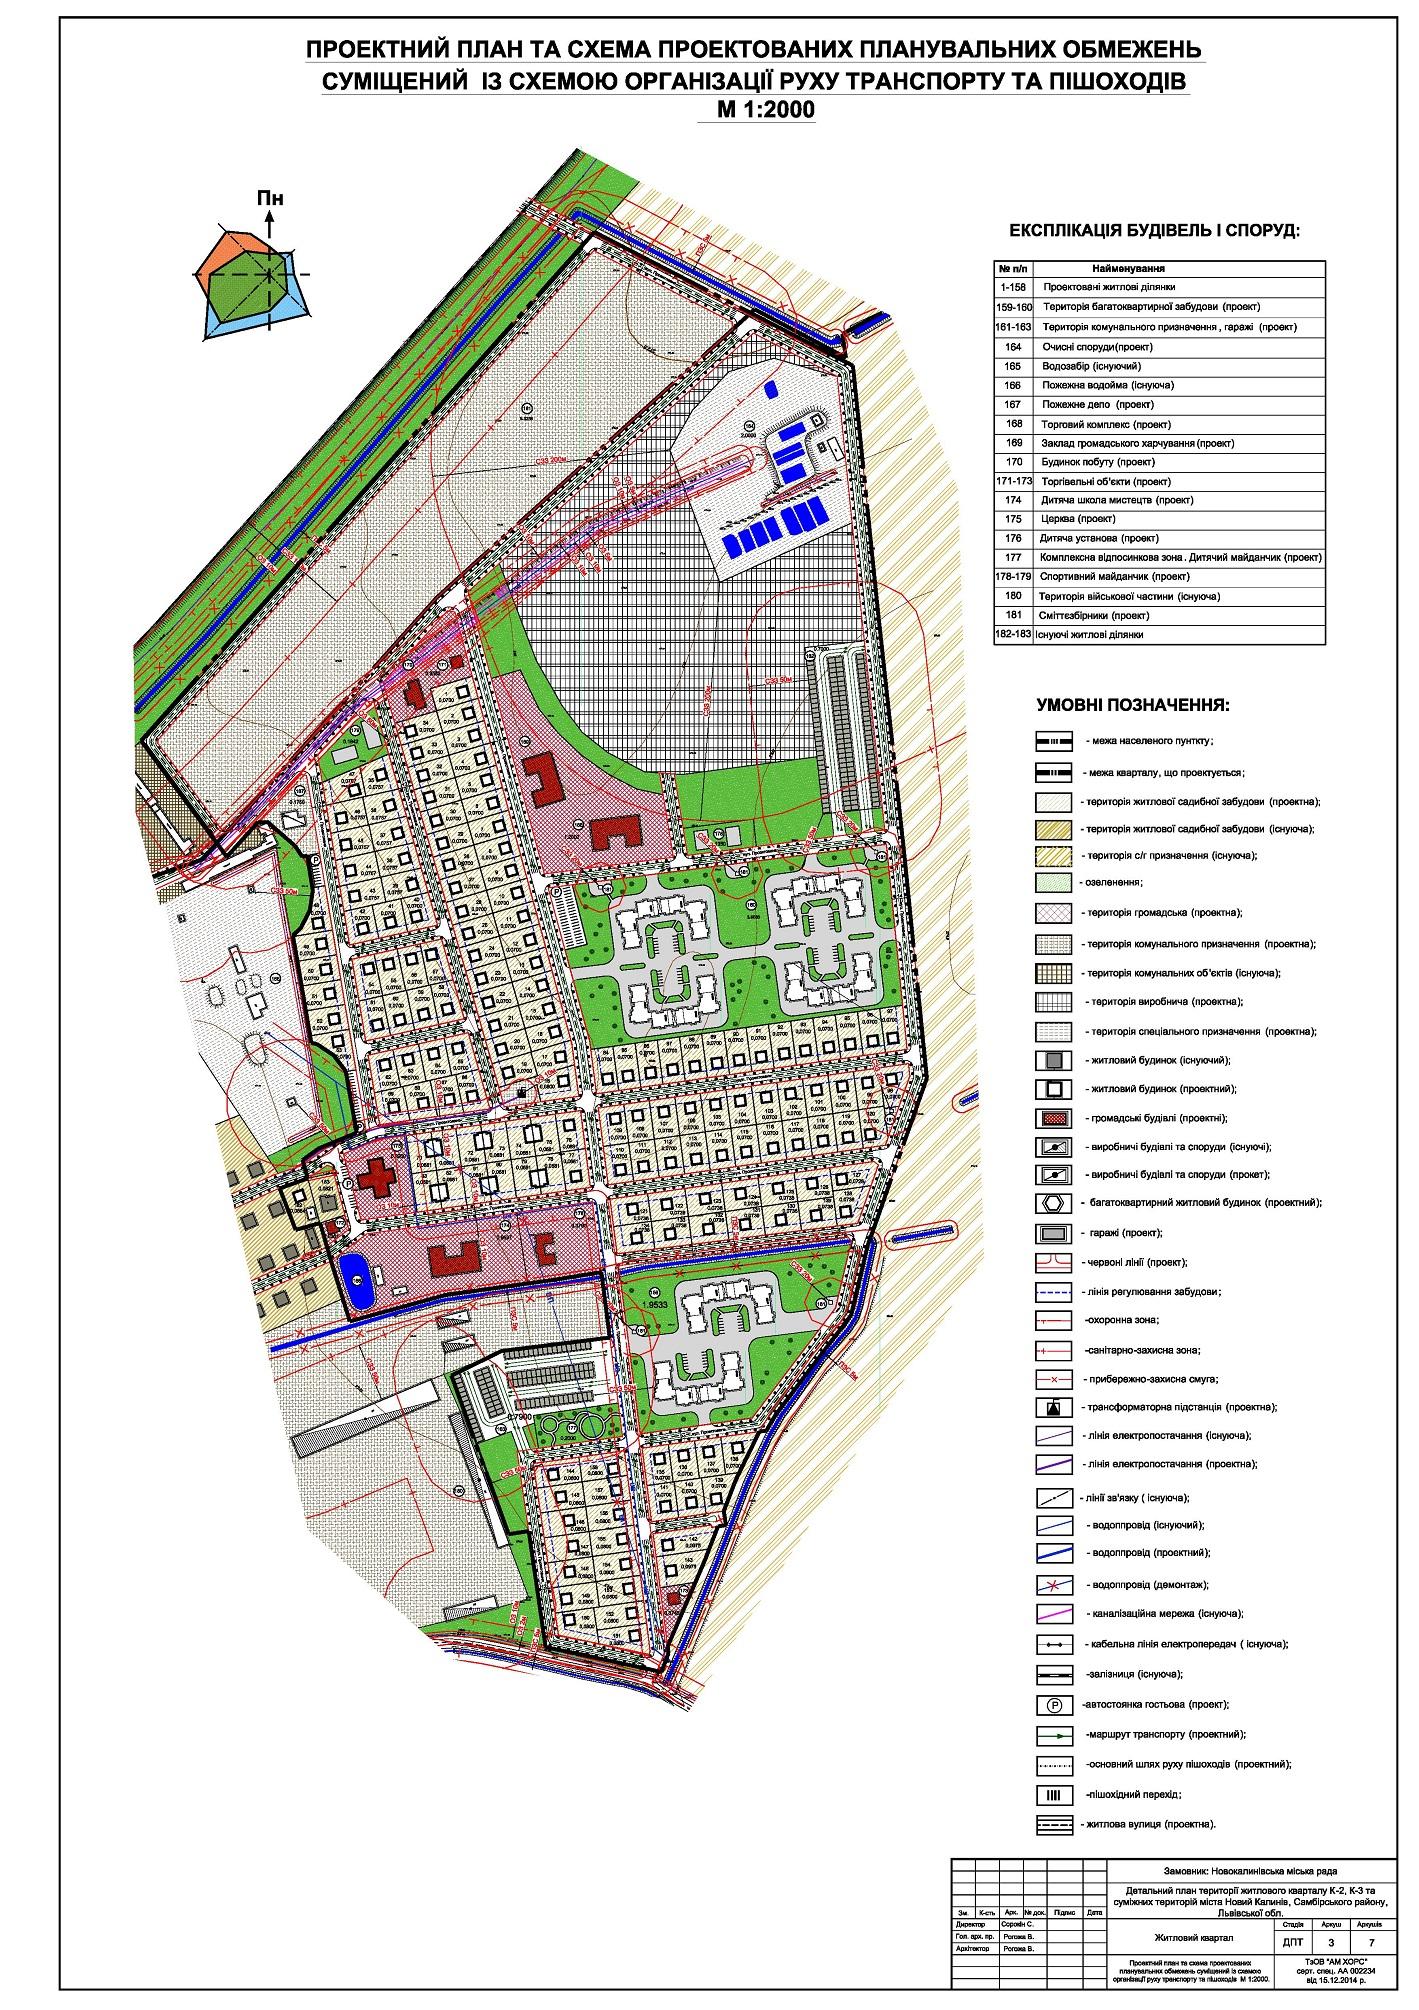 detalnyi plan kvartu zabudovy m. Novyi Kalyniv